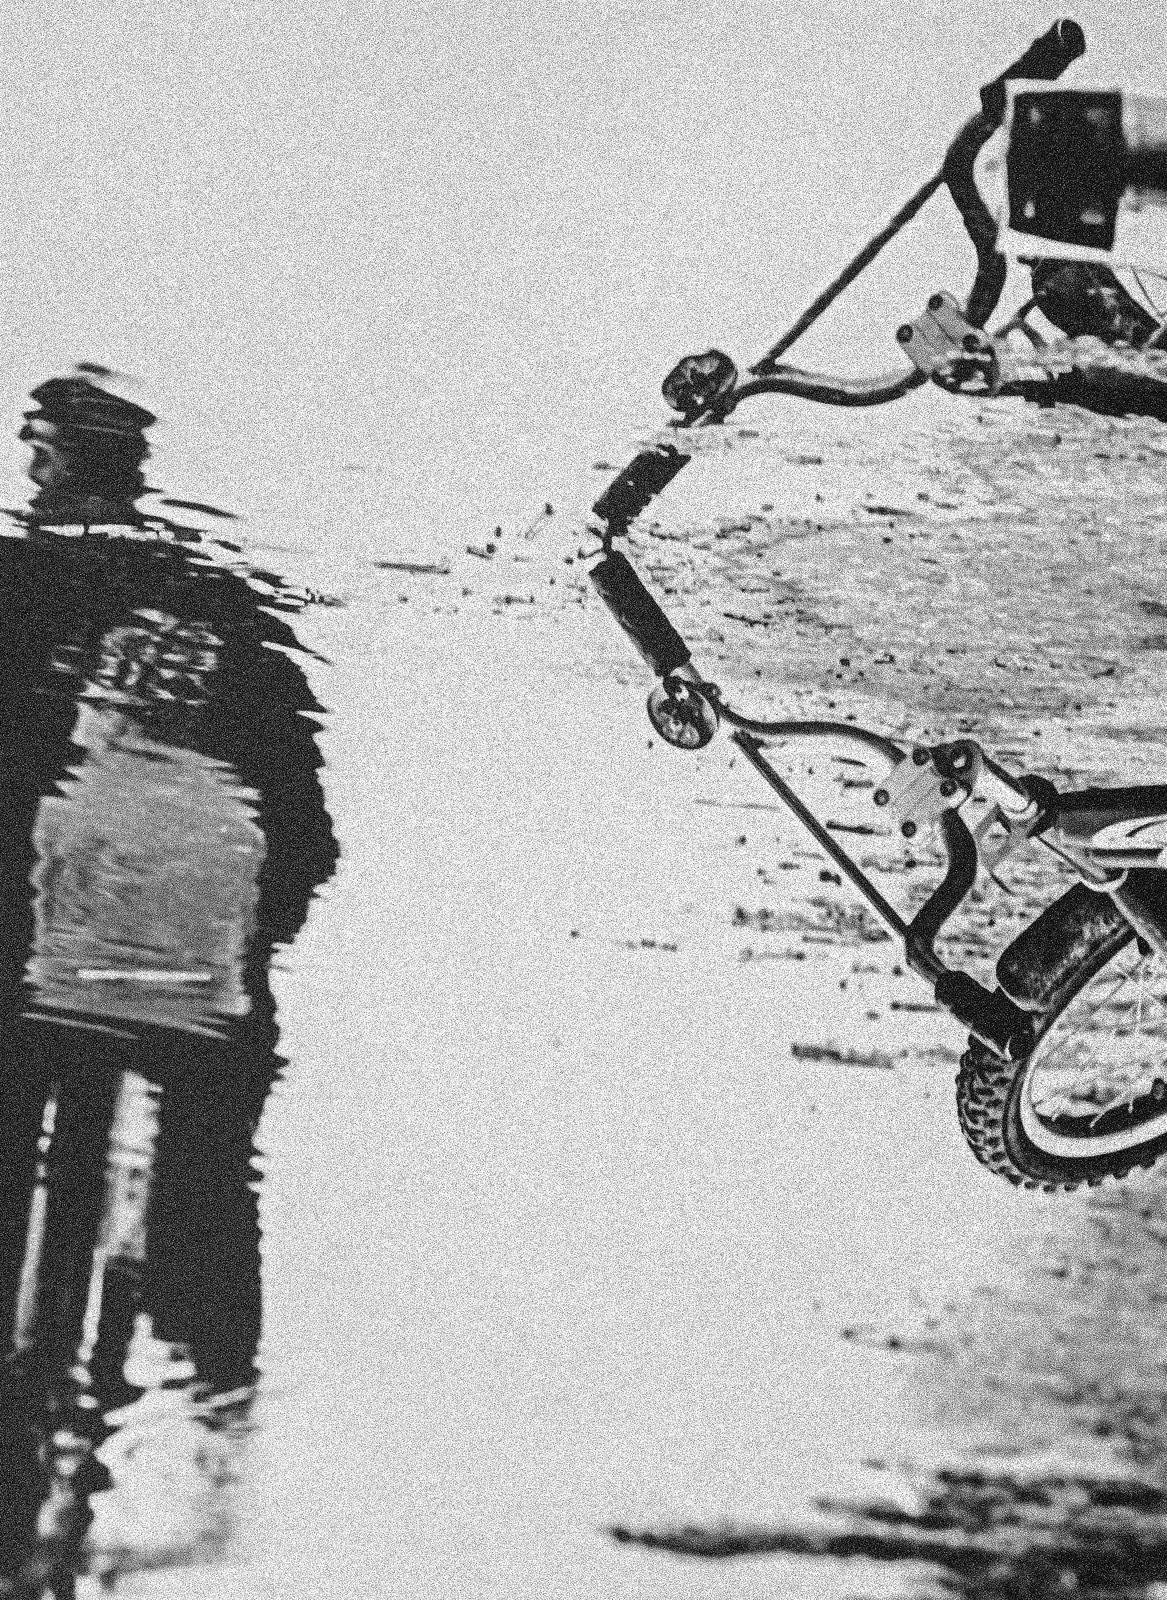 О лете, луже и  велосипеде  ..